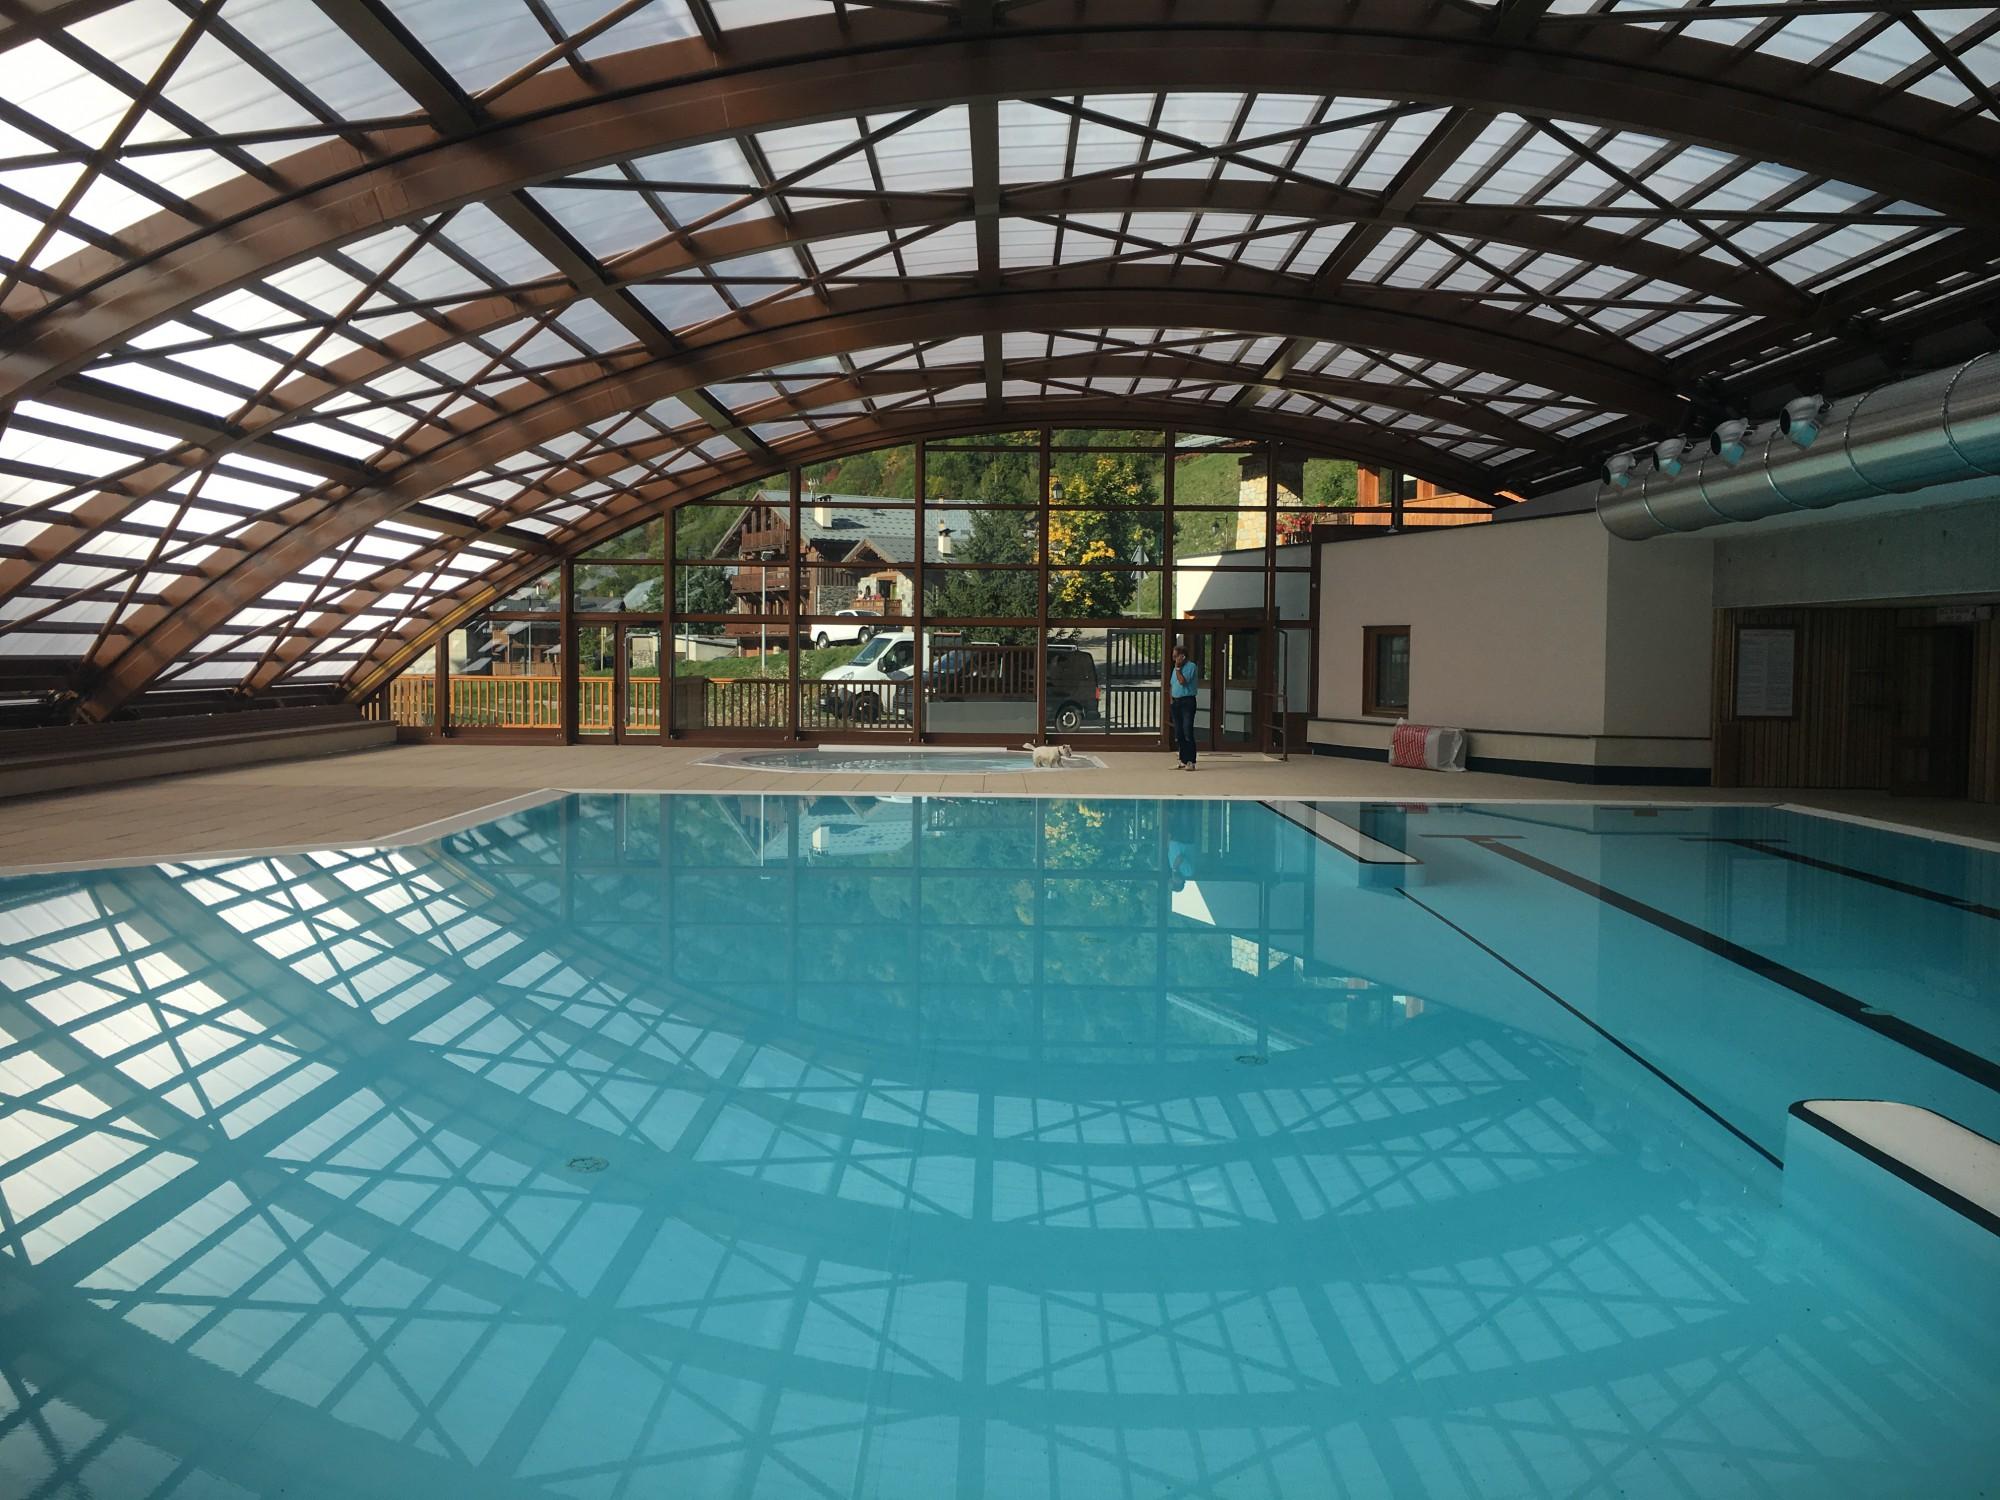 piscine couverte l'hiver